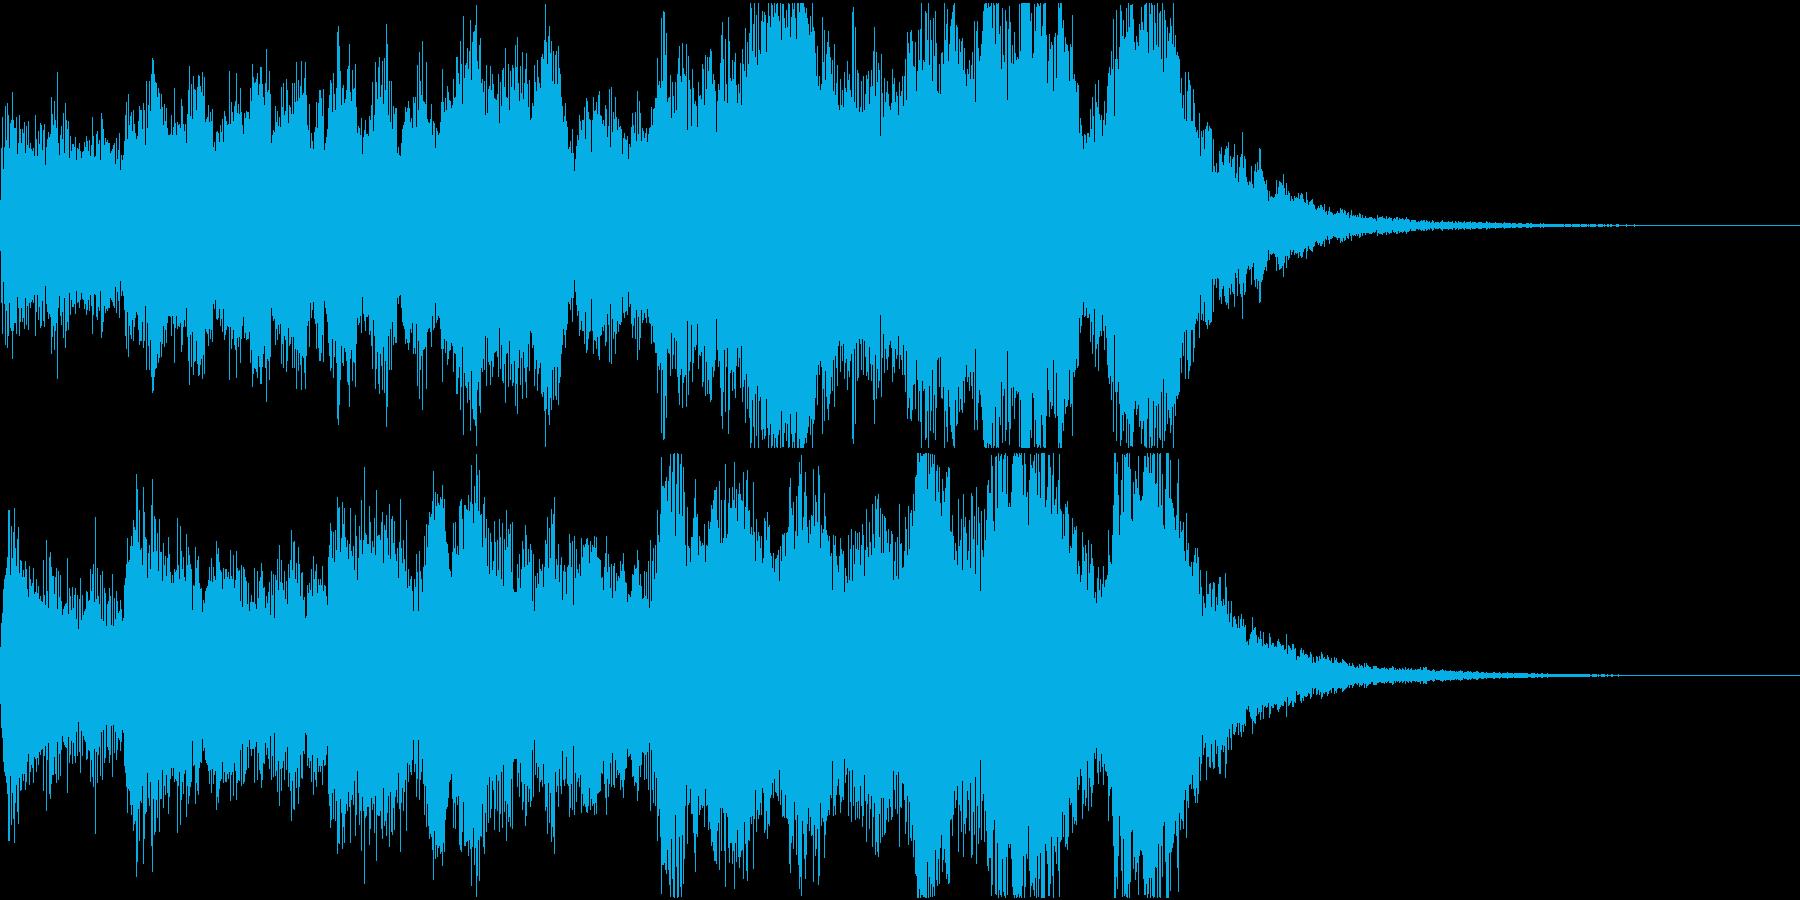 始まりのオーケストラファンファーレの再生済みの波形